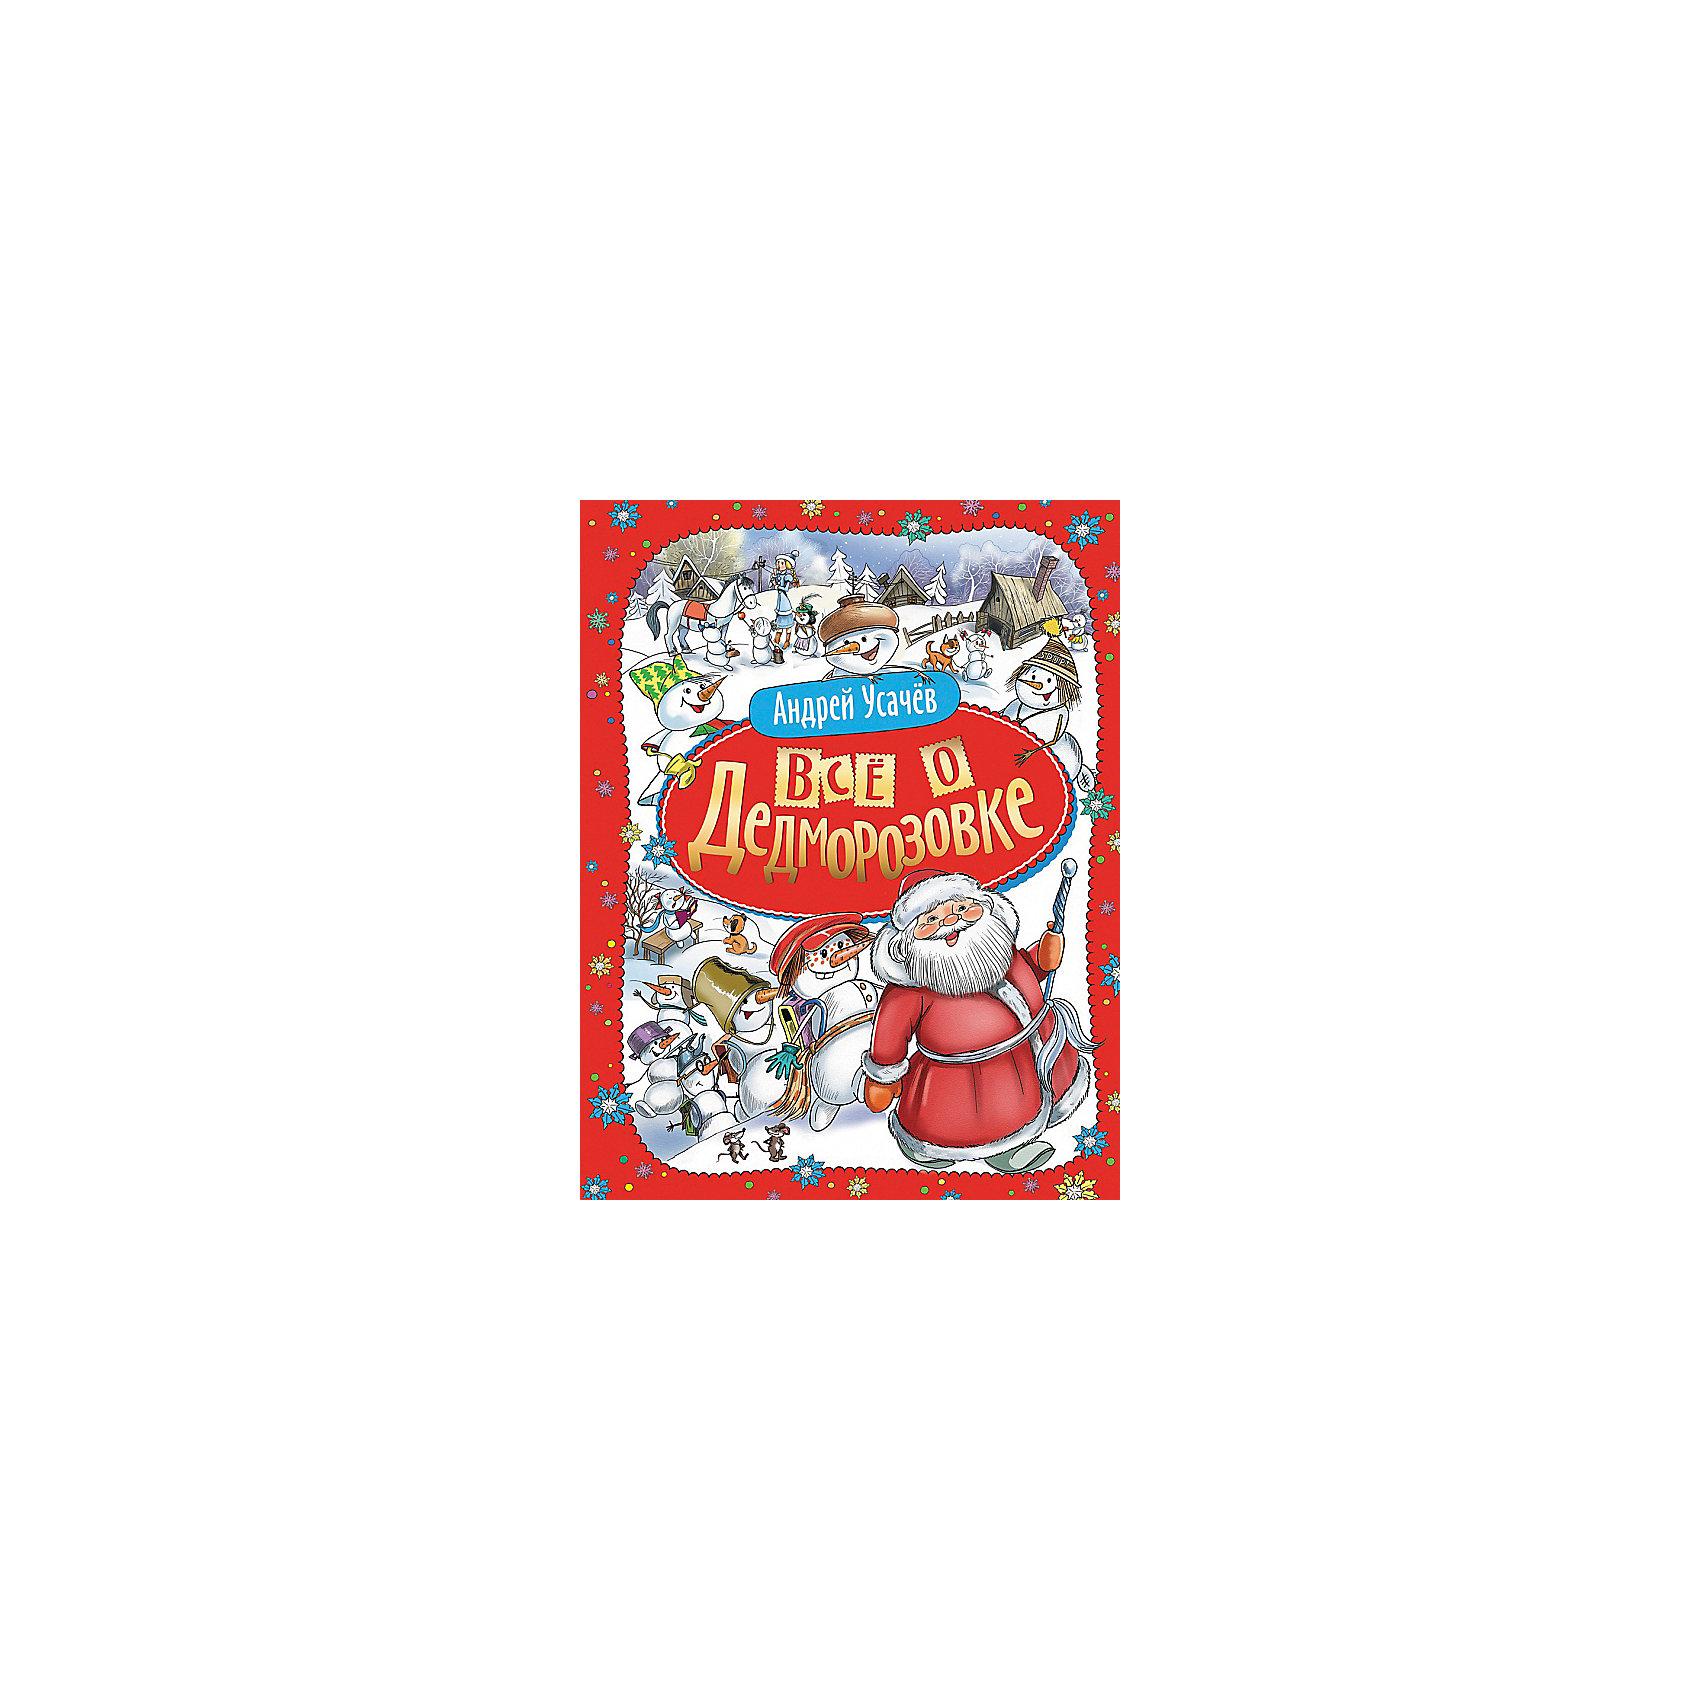 Все о Дедморозовке, А. УсачевНовогодние книги<br>Далеко на севере, где-то в Архангельской или Вологодской области, есть небольшая деревня Дедморозовка, в которой живут Дед Мороз и его внучка Снегурочка. А еще там живут помощники Деда Мороза - снеговики и снеговички.&#13;<br>Придумал эту деревню замечательный детский писатель Андрей Усачев, великолепный детский художник-иллюстратор Виктор Чижиков нарисовал жителей Дедморозовки, а талантливые художницы Екатерина и Елена Здорновы помогли Виктору Чижикову создать рисунки к книге.&#13; В эту книгу вошли все сказочные истории о Дедморозовке и ее жителях.<br><br>Дополнительная информация: <br><br>- Автор: А. Усачев.<br>- Иллюстраторы: Екатерина Здорнова, Елена Здорнова, Виктор Чижиков.<br>- Иллюстрации: цветные.<br>- Формат: 20,5х26 см.<br>- Переплет: твердый.<br>- Количество страниц: 336.<br><br>Книгу Все о Дедморозовке, А. Усачева можно купить в нашем магазине.<br><br>Ширина мм: 265<br>Глубина мм: 200<br>Высота мм: 25<br>Вес г: 1020<br>Возраст от месяцев: 60<br>Возраст до месяцев: 84<br>Пол: Унисекс<br>Возраст: Детский<br>SKU: 4323872